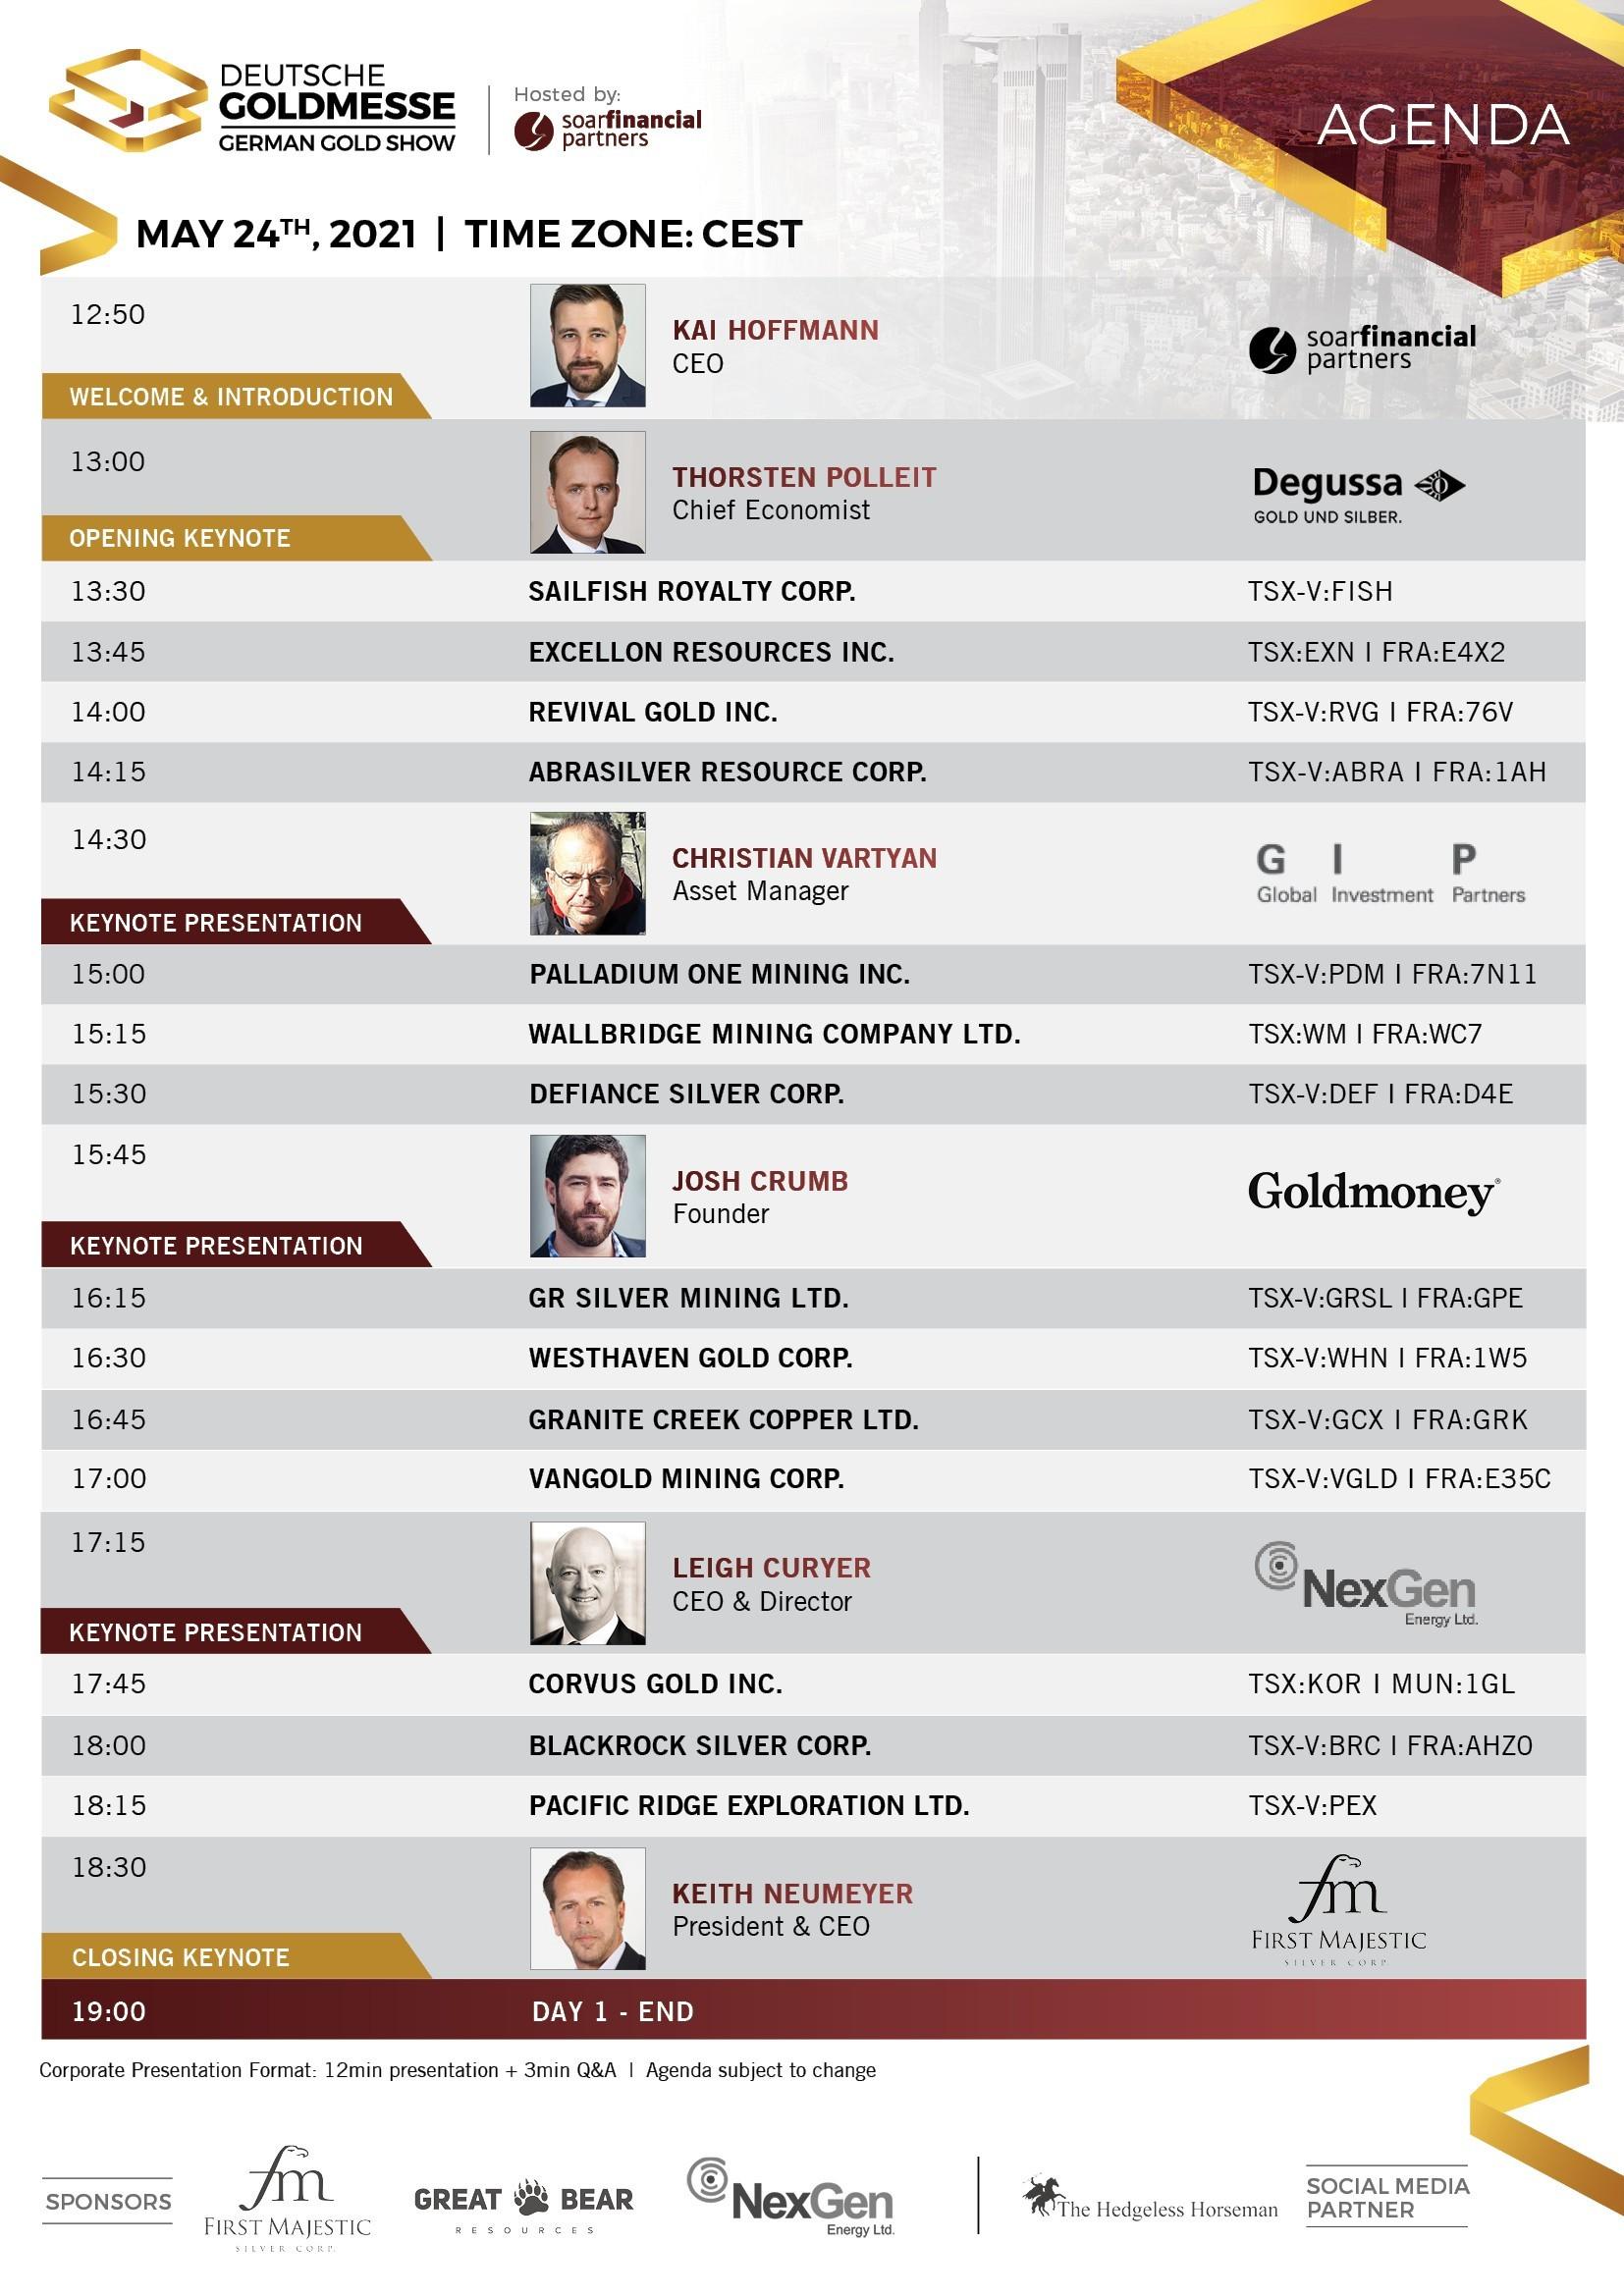 Deutsche-Goldmesse-0524-2021-Agenda